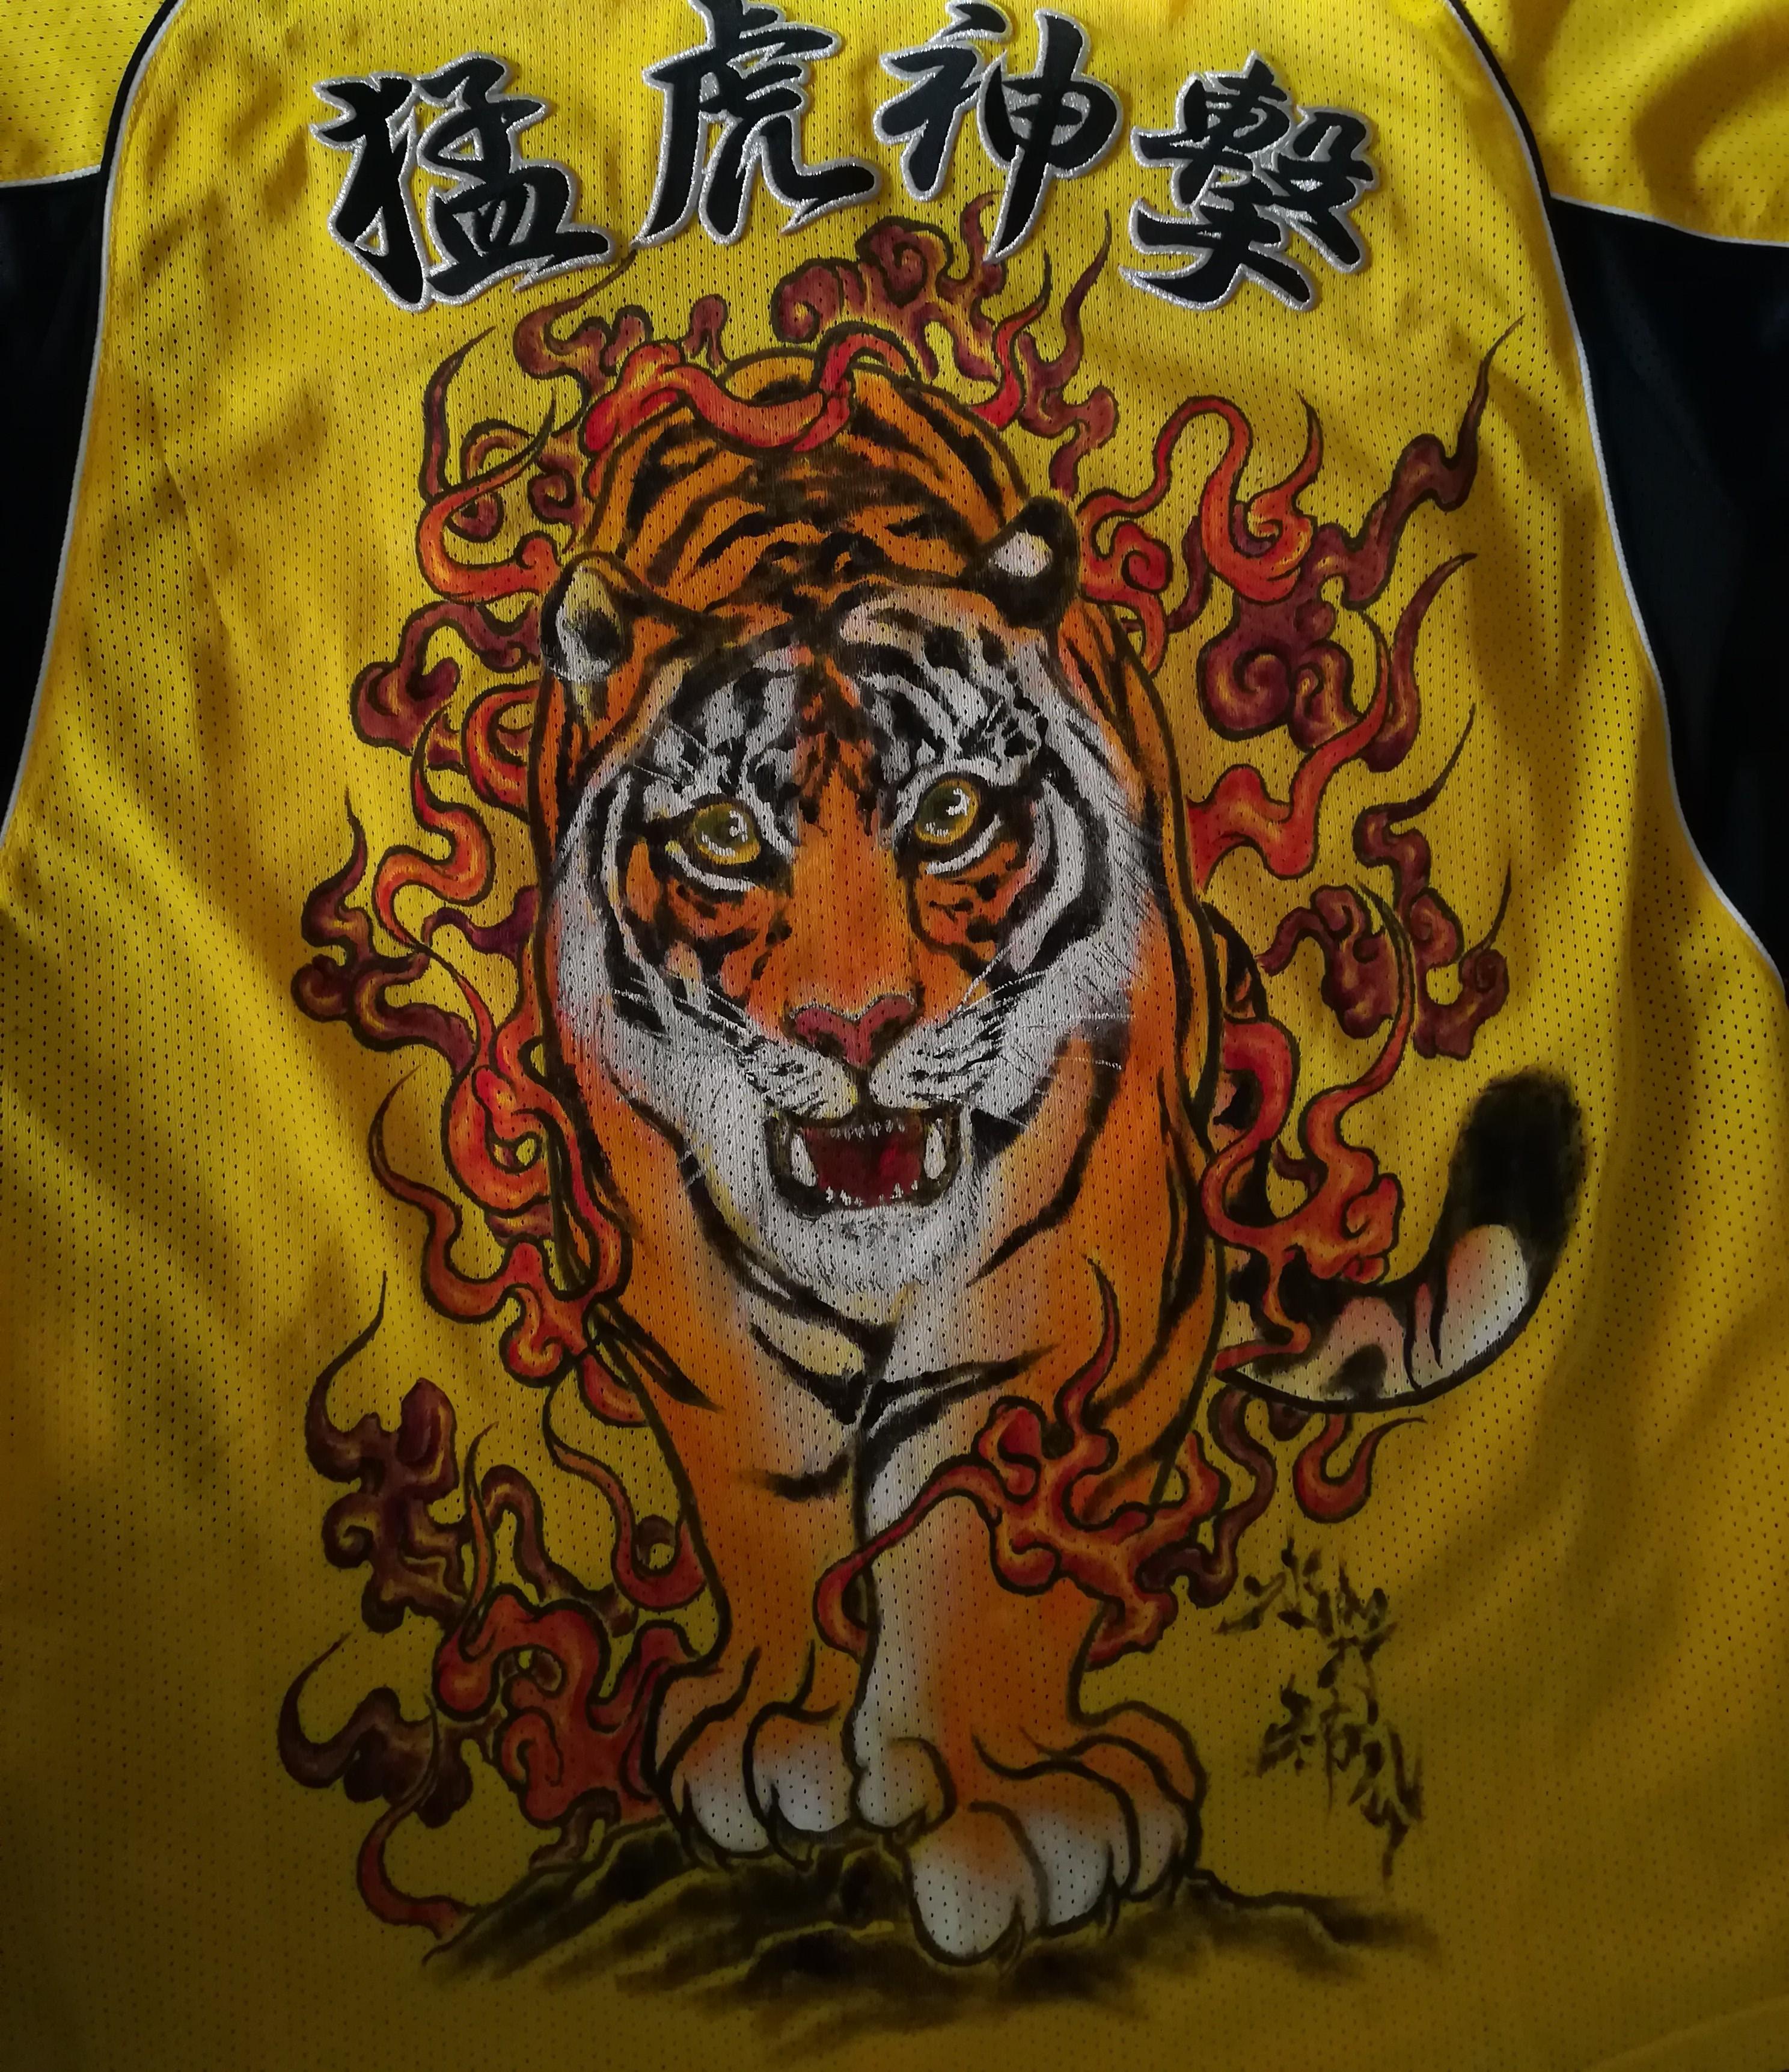 阪神タイガース 手描きユニフォーム 虎と炎